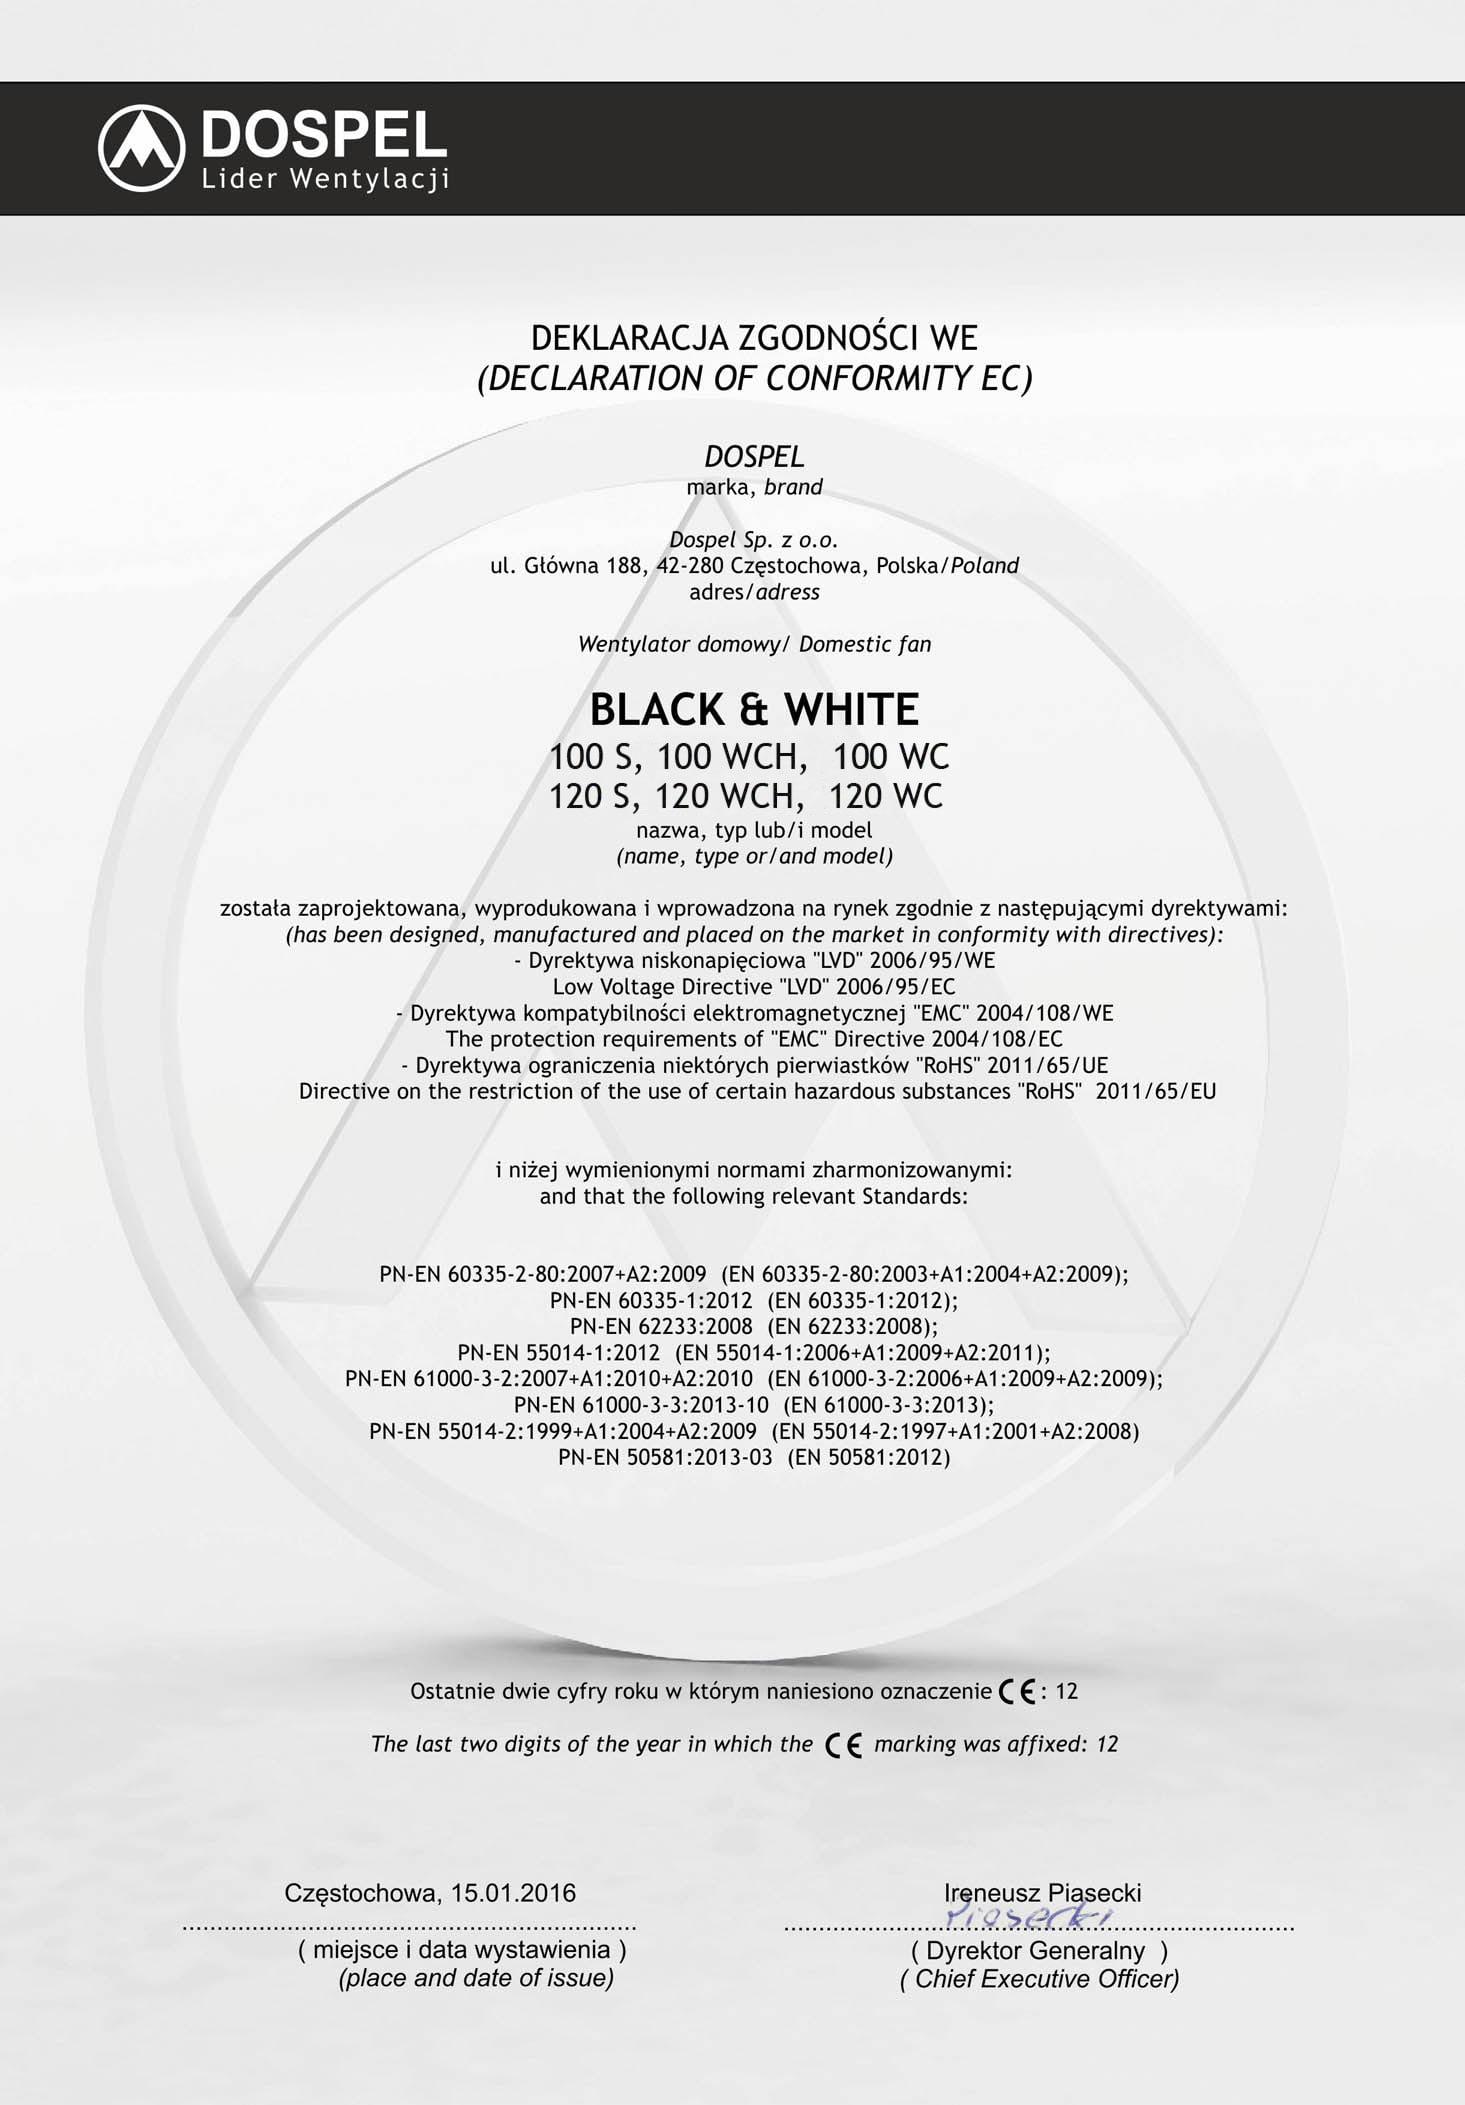 Wentylator domowy, Black White, certyfikat, deklaracja zgodności, producent wentylatorów, Dospel